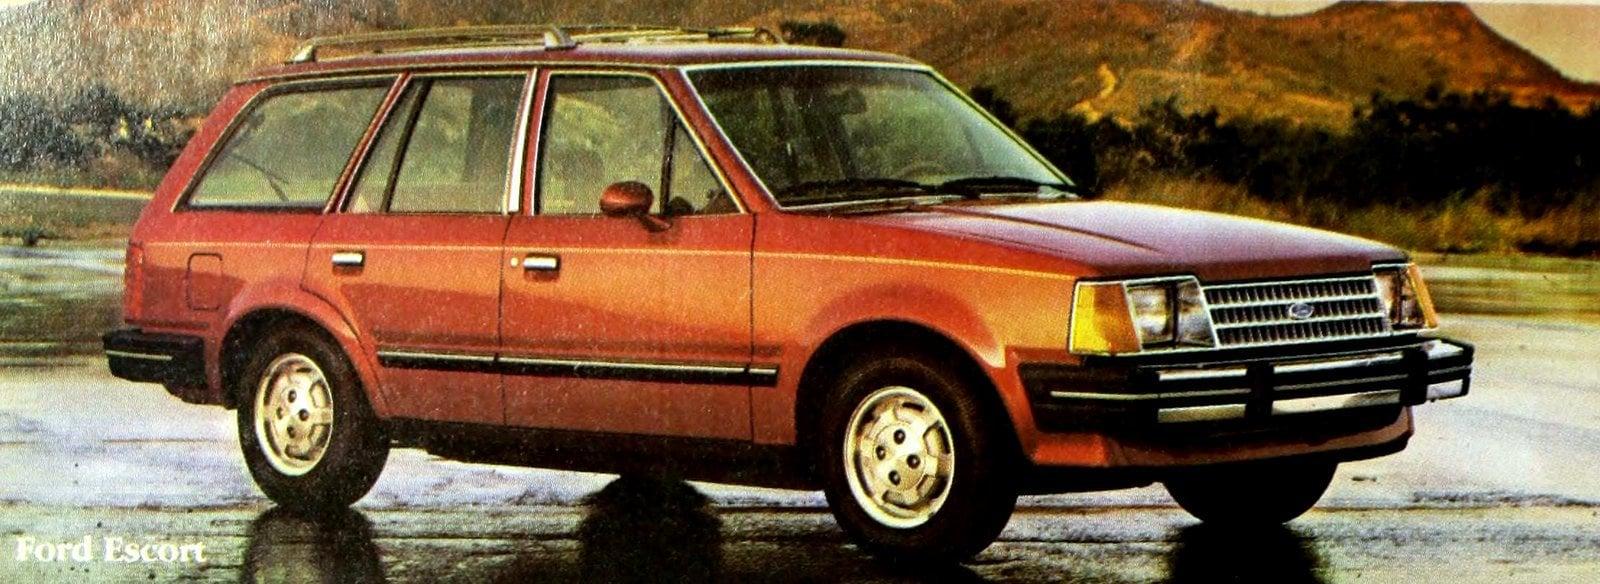 Ford Escort wagon. A small wonder (1984)